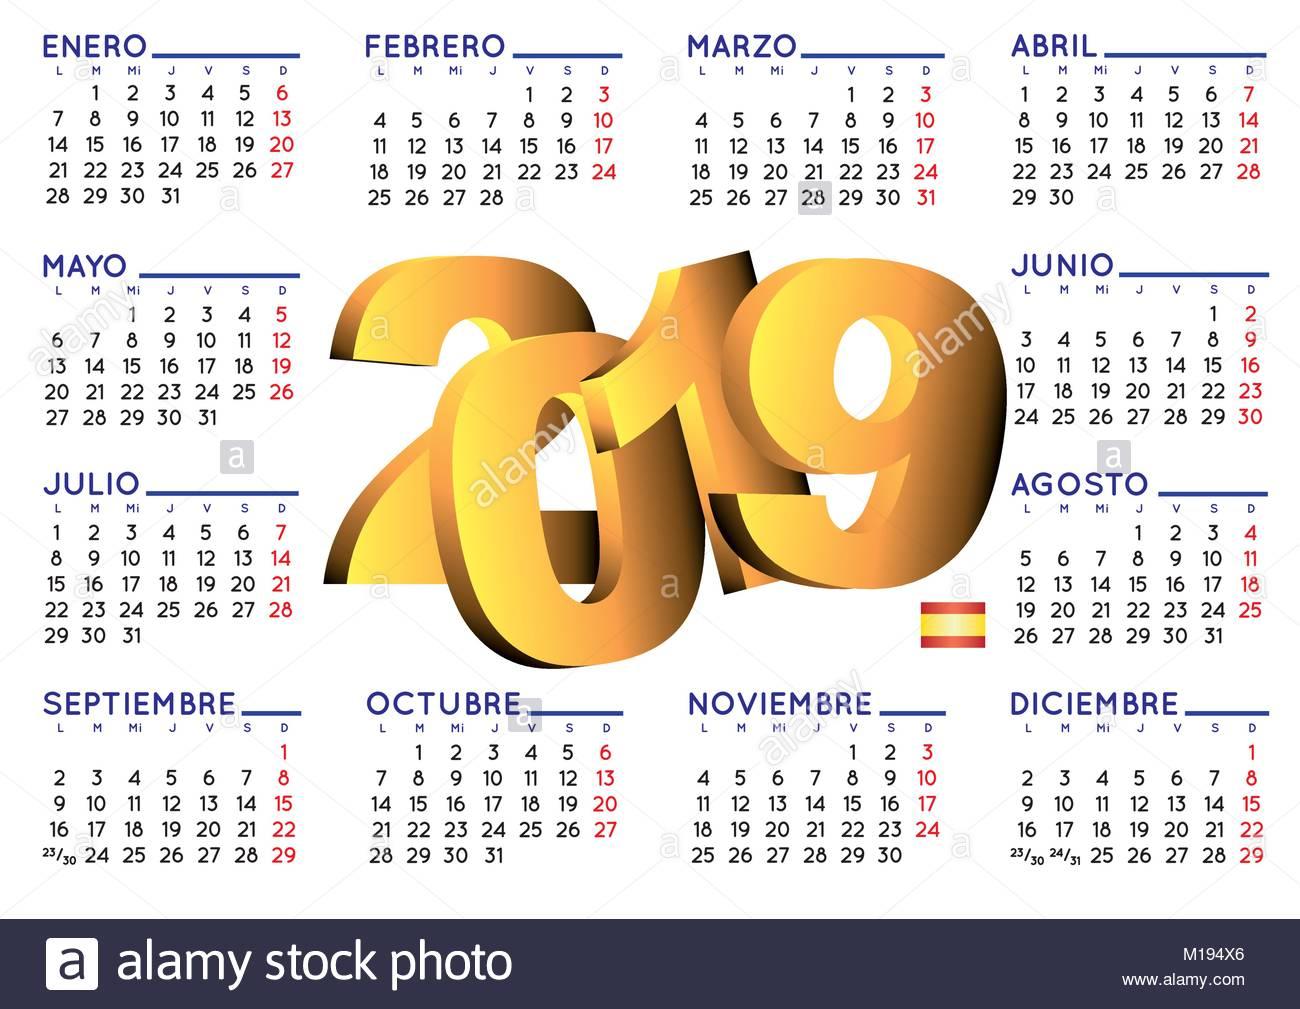 Calendario Vectorizado.Calendario 2019 2019 Elegant Calendar In Spanish Year 2019